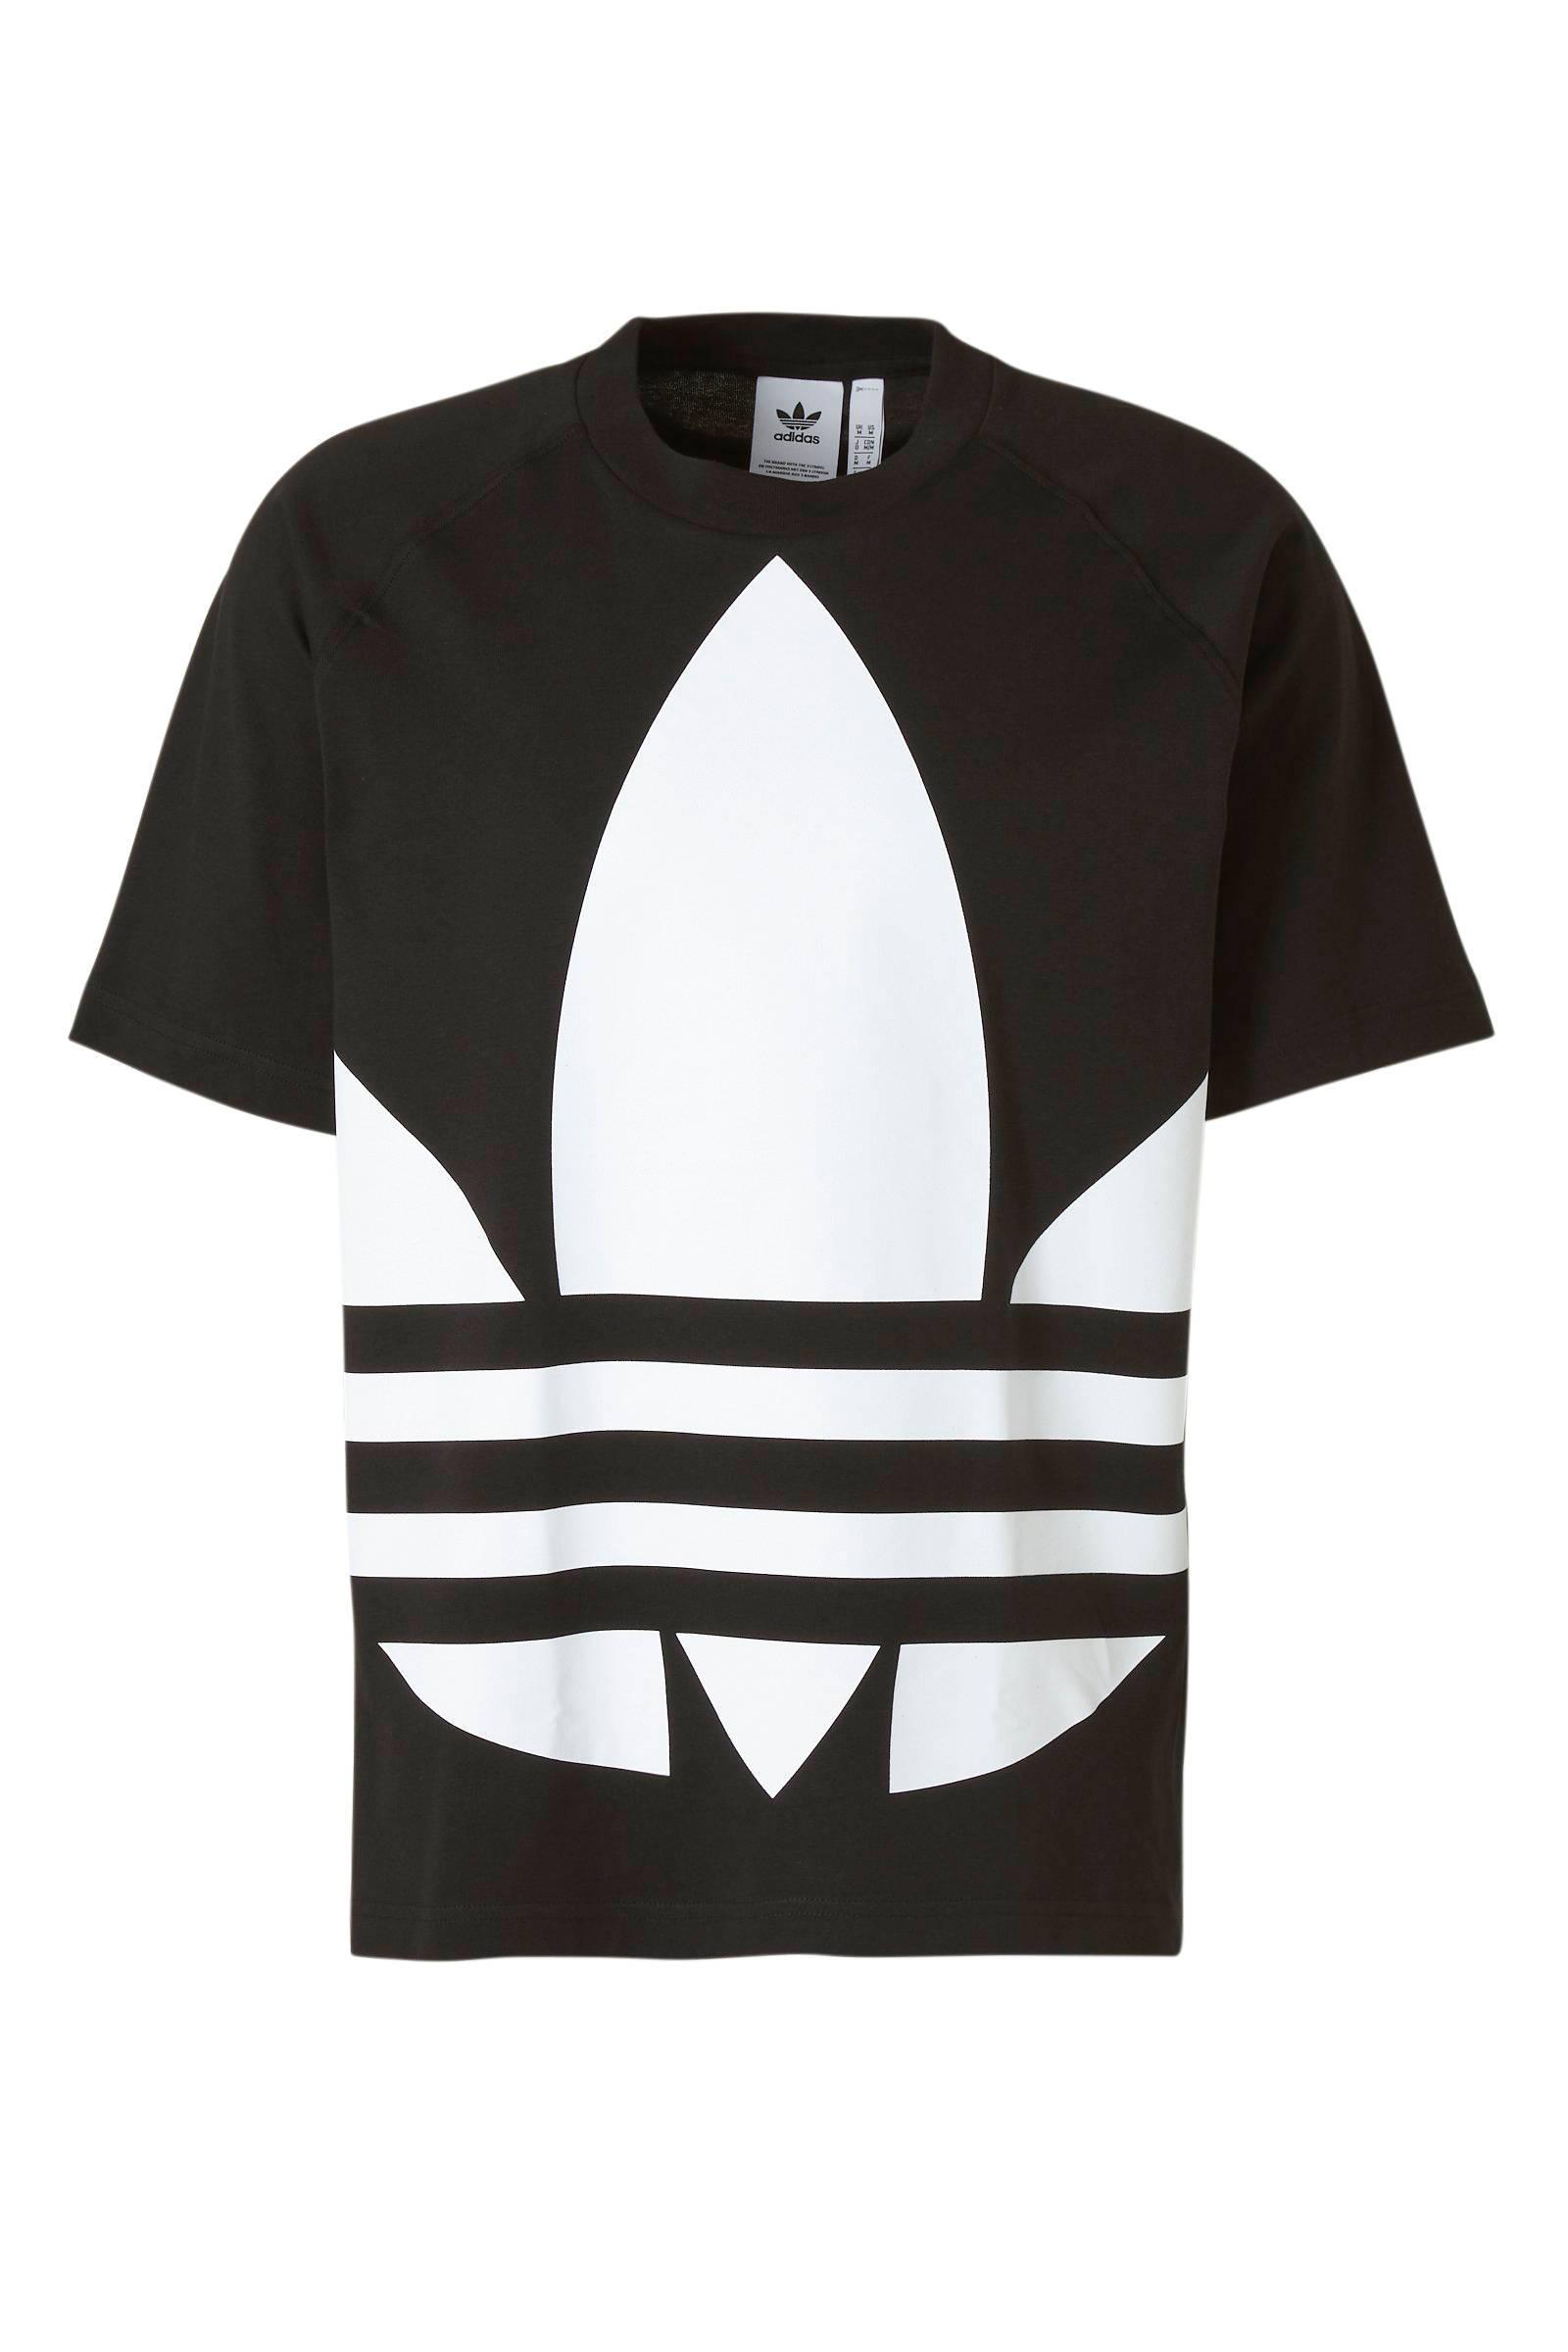 adidas t shirt zwart wit